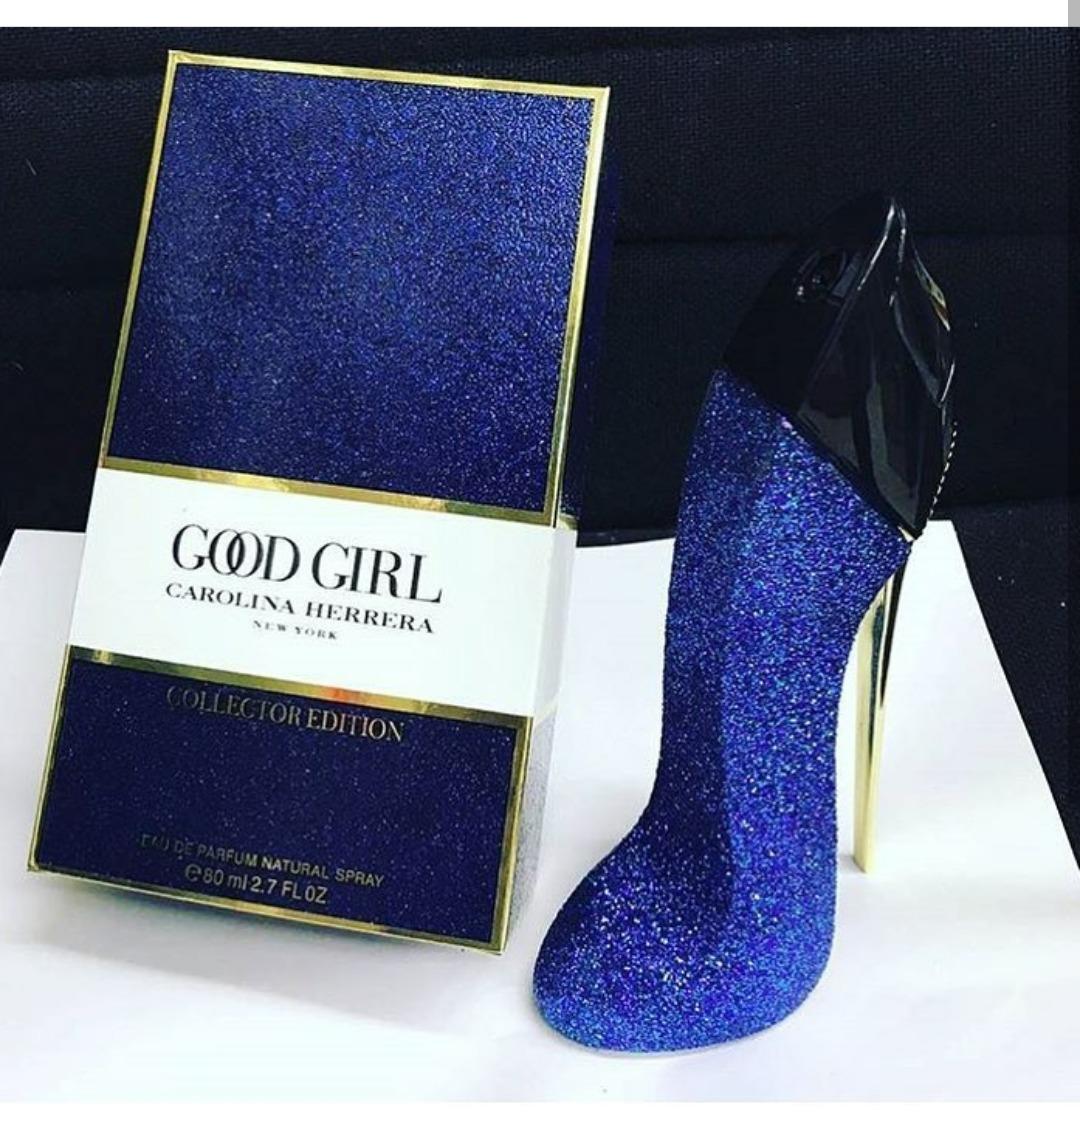 Perfume Good Girl Carolina Herrera Edição Colecionador 80ml - R  499 ... a5696211cd